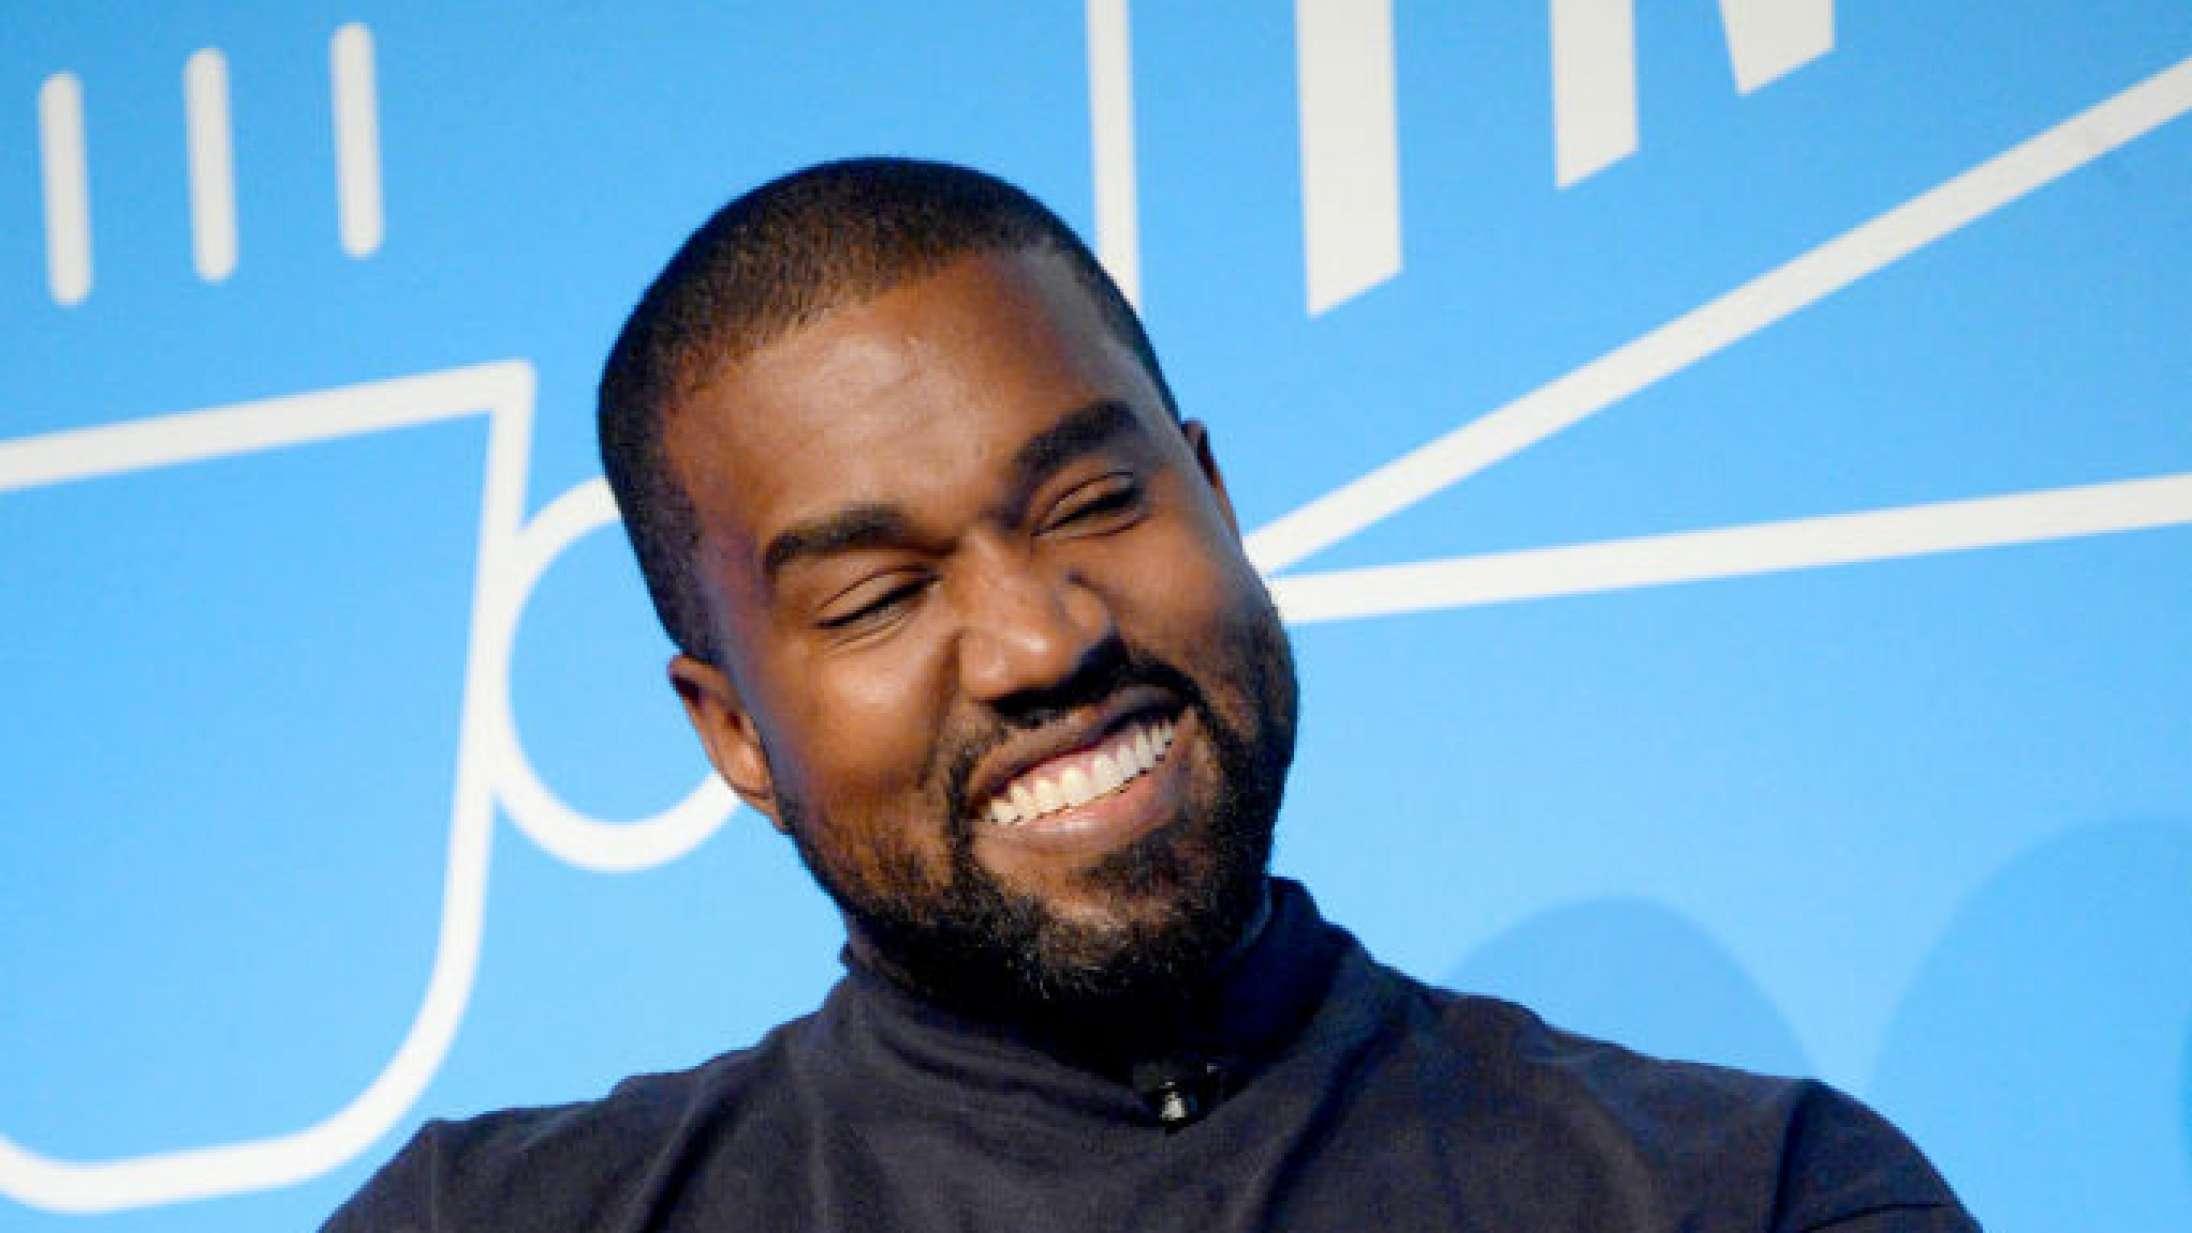 Kanye West annoncerer nyt album (igen) – og fortsætter tilsyneladende sin valgkampagne